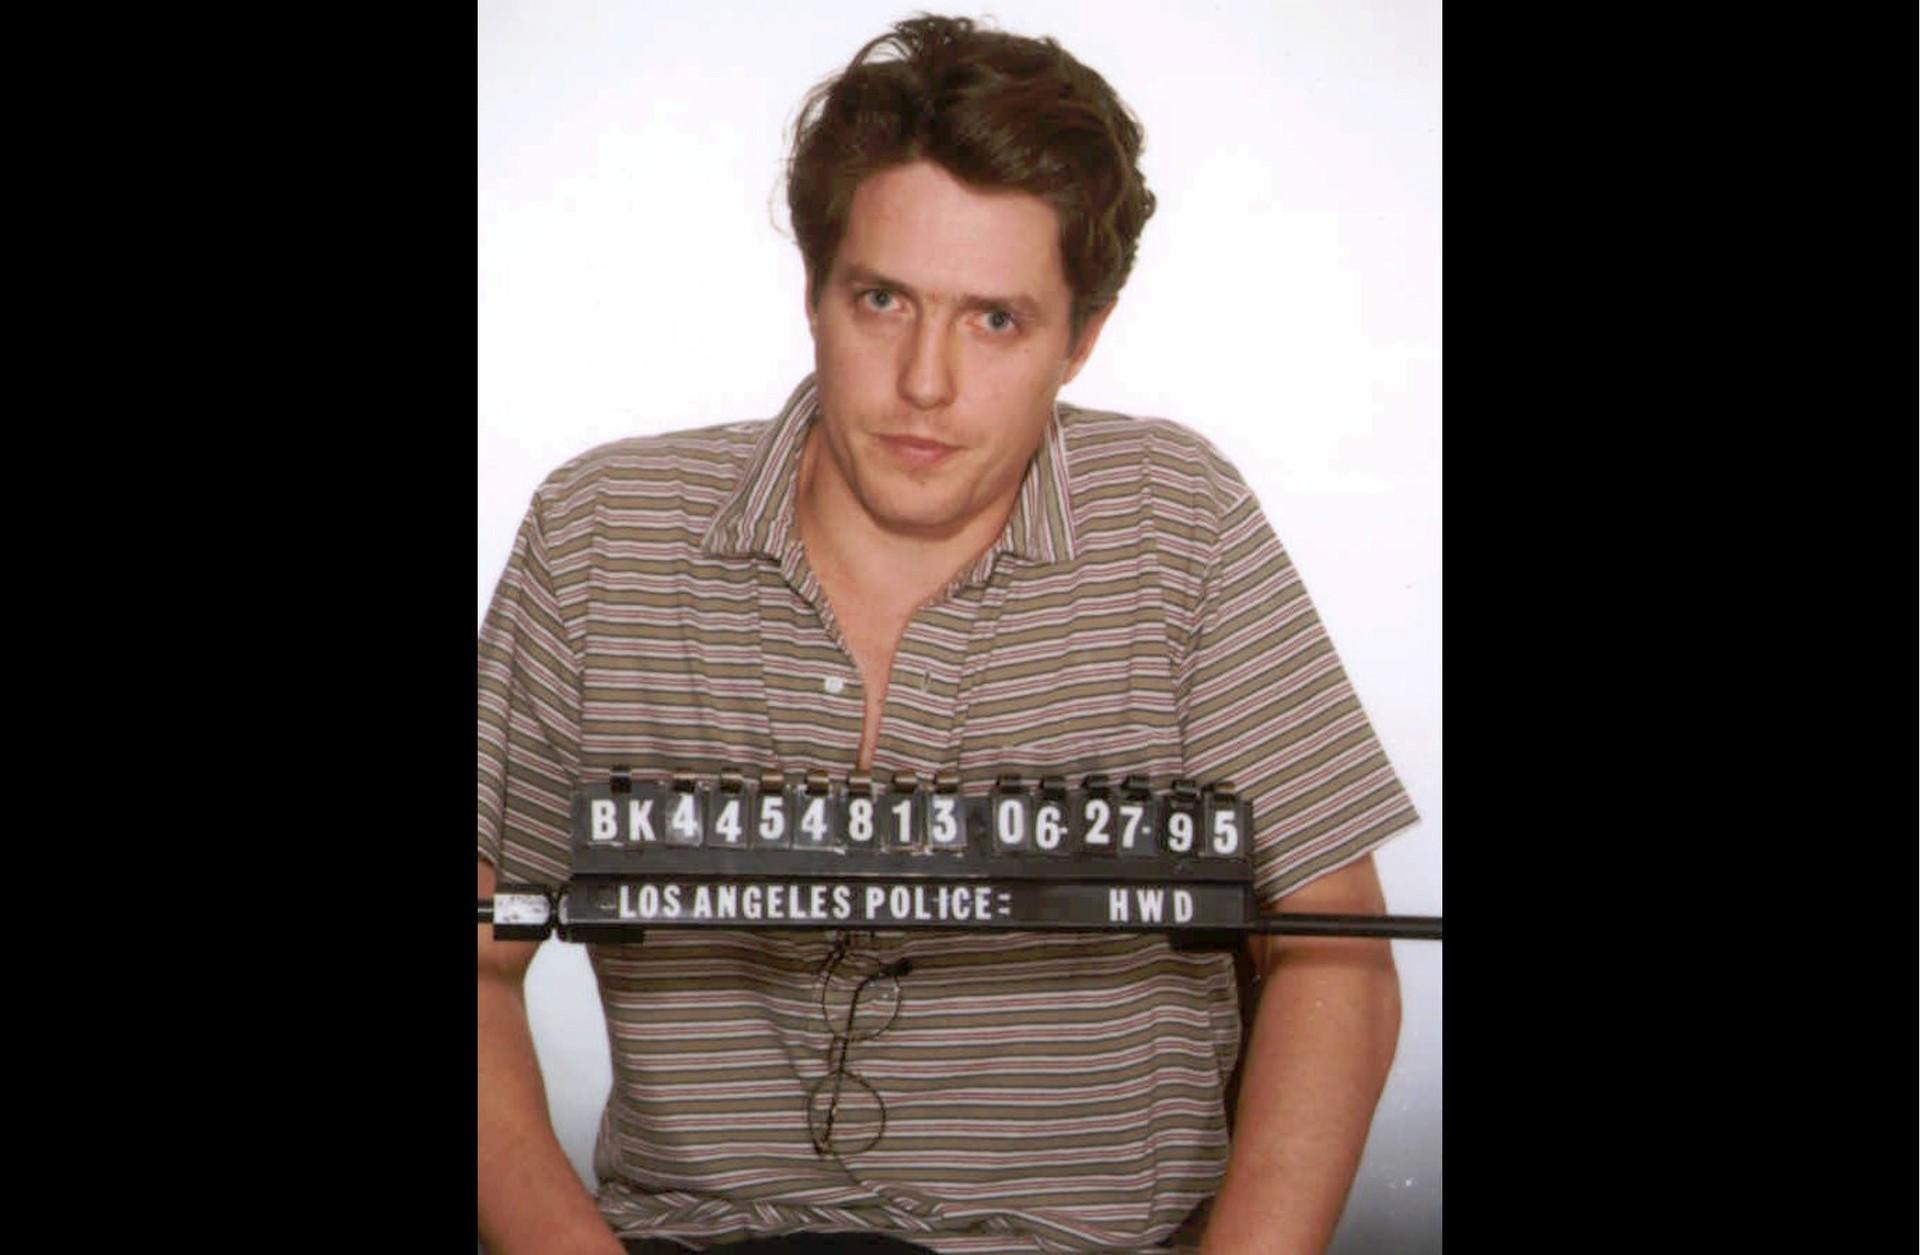 Hugh Grant em junho de 1995. Acusação: conduta obscena (tendo sido pego com uma prostituta). (Foto: Divulgação)